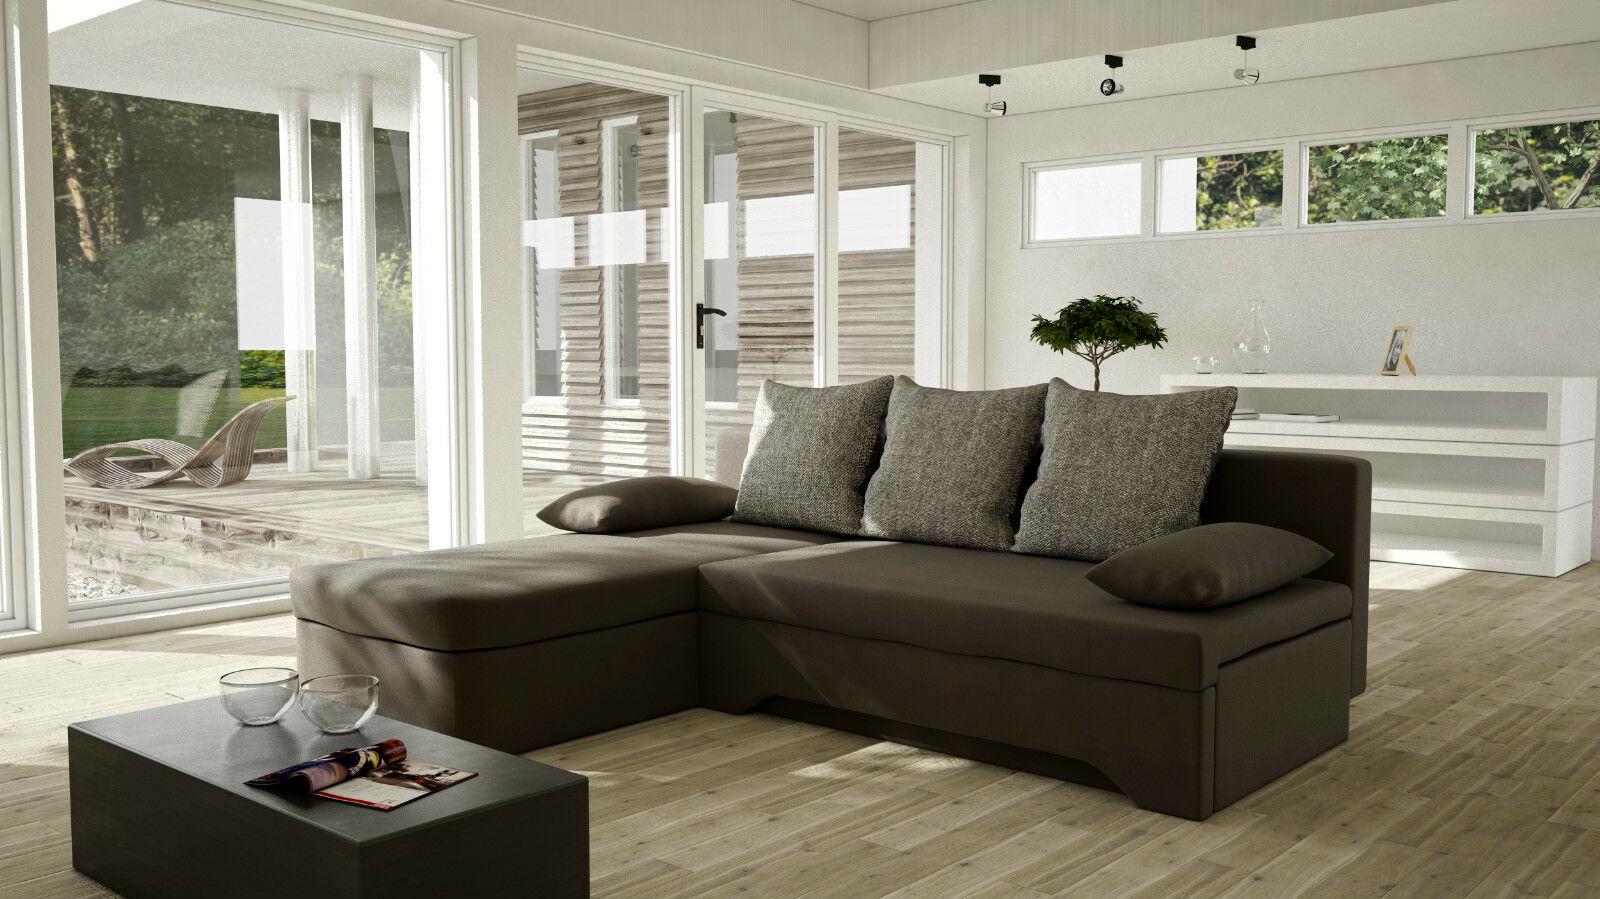 Couchgarnitur Sofa Sofagarnitur Mary Mit Schlaffunktion L Form